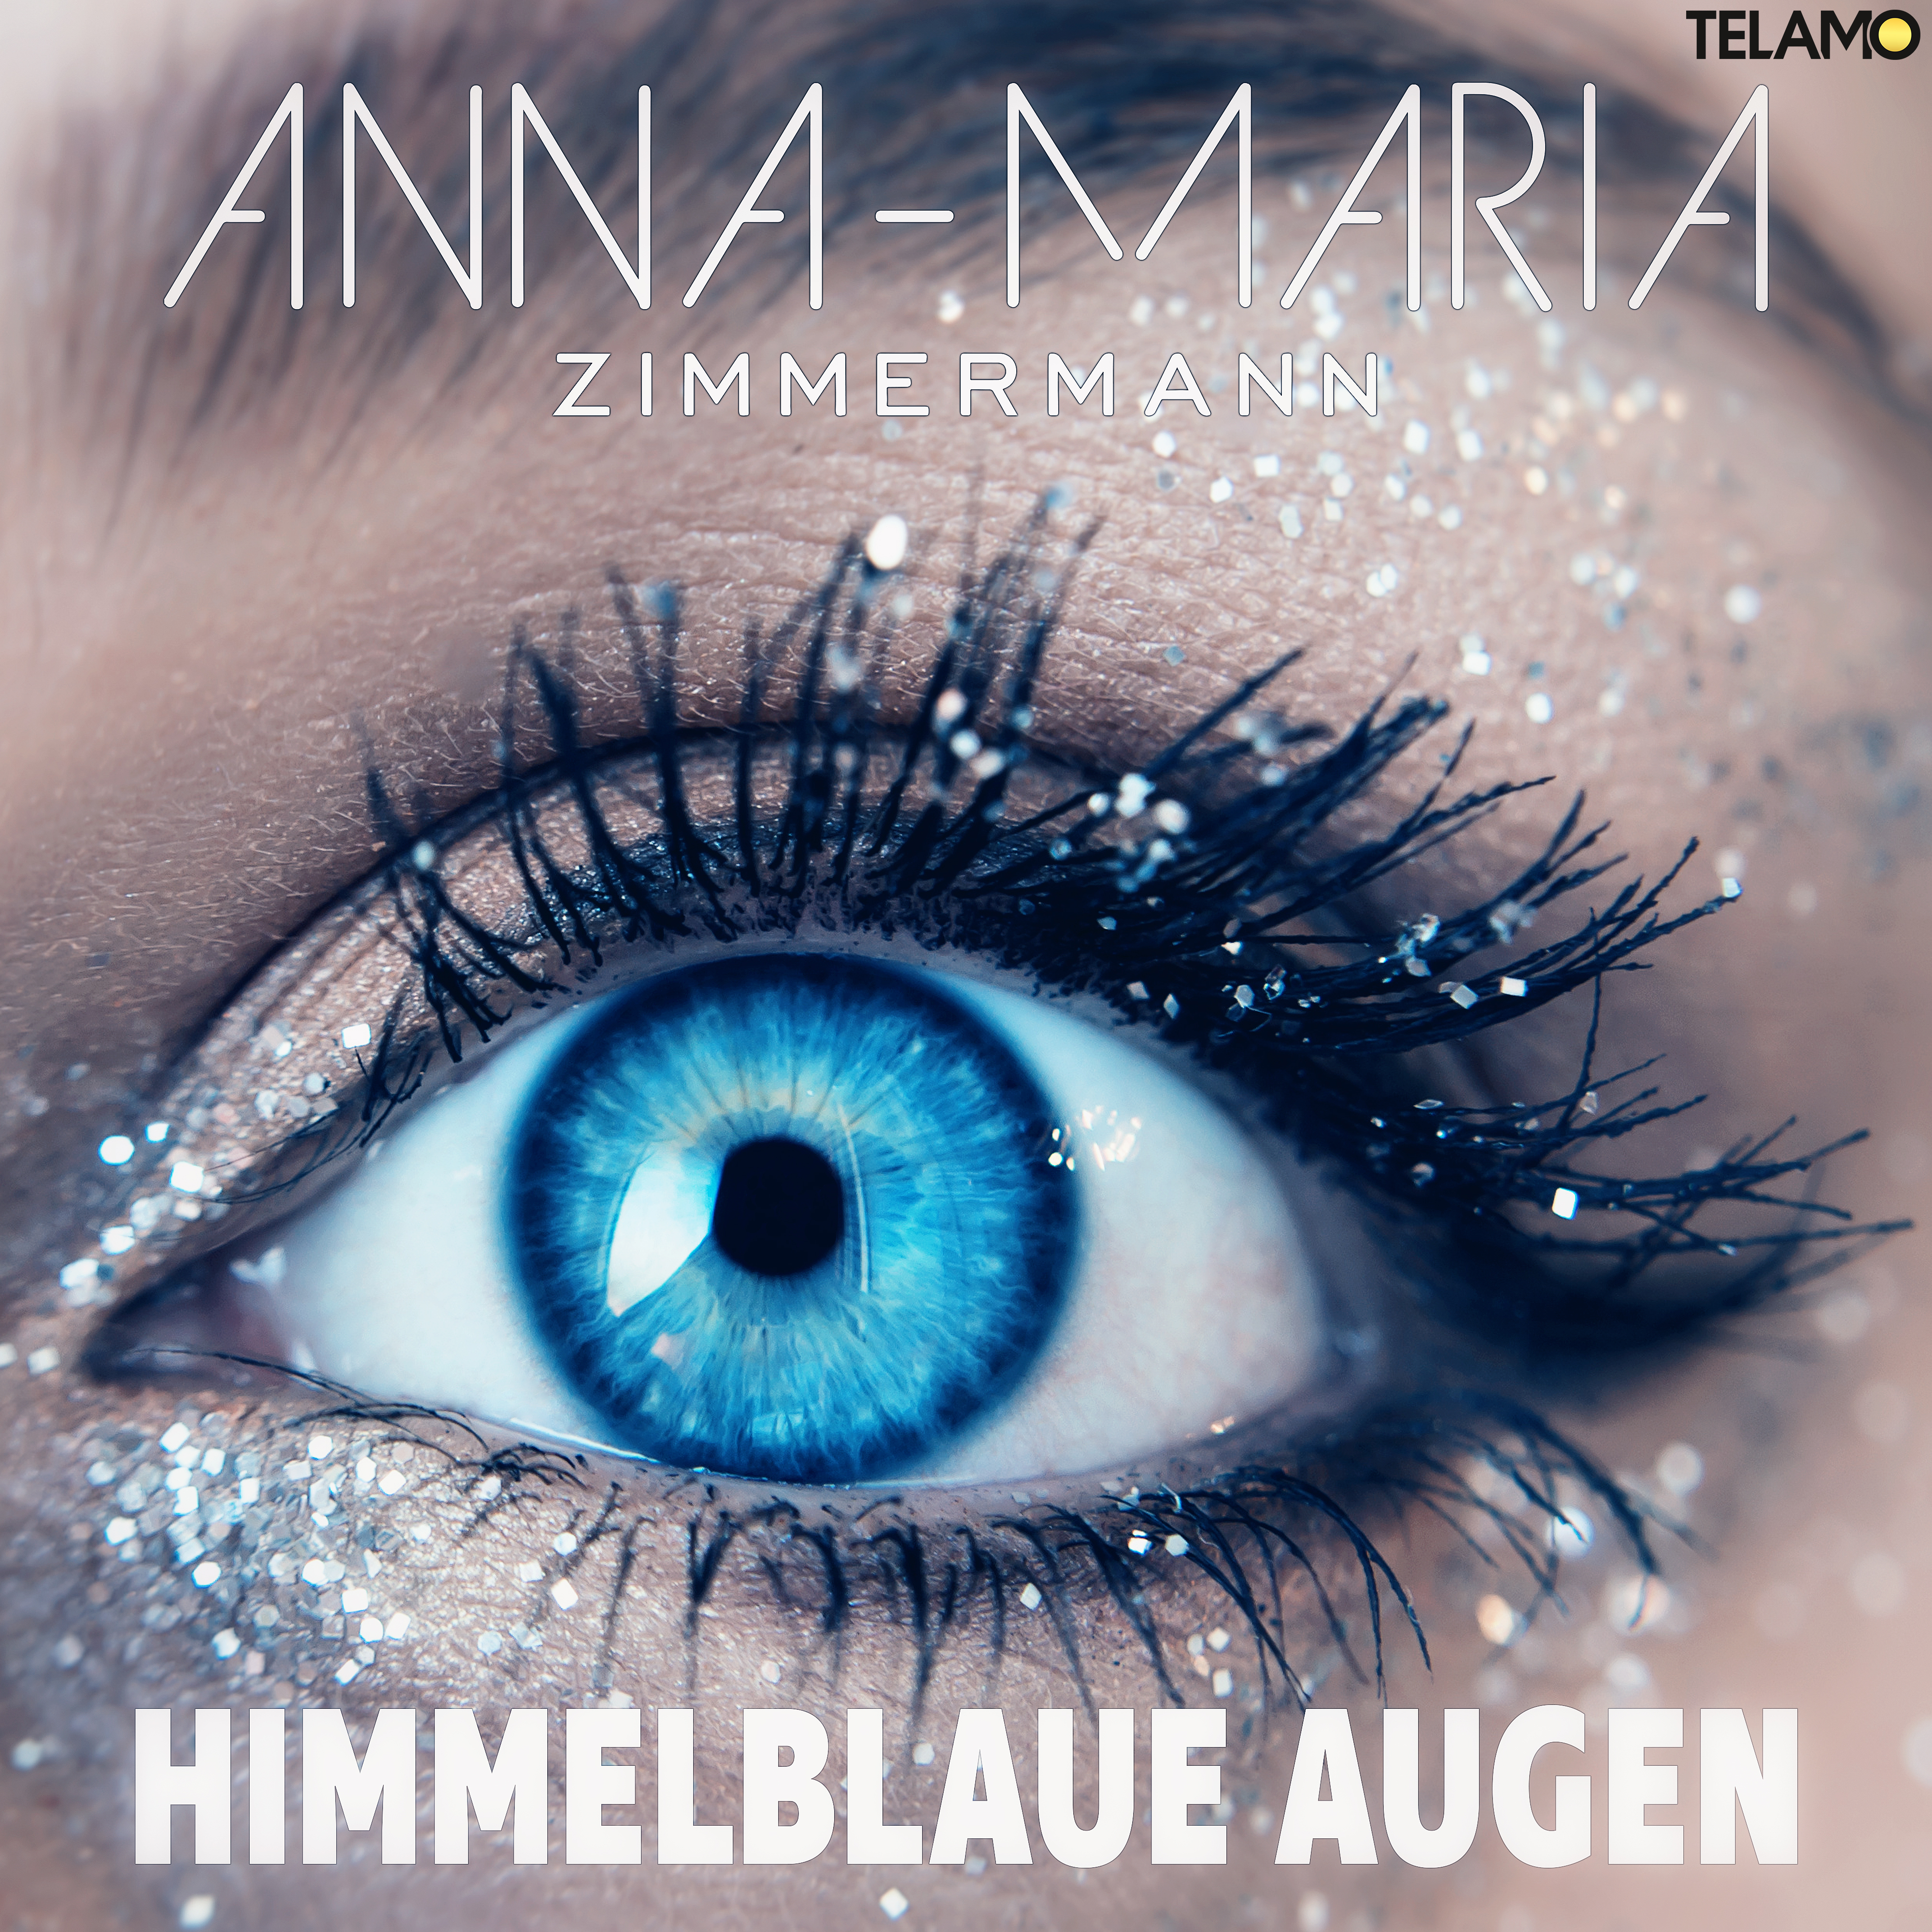 ANNA-MARIA ZIMMERMANN - Himmelblaue Augen (Telamo/Warner)